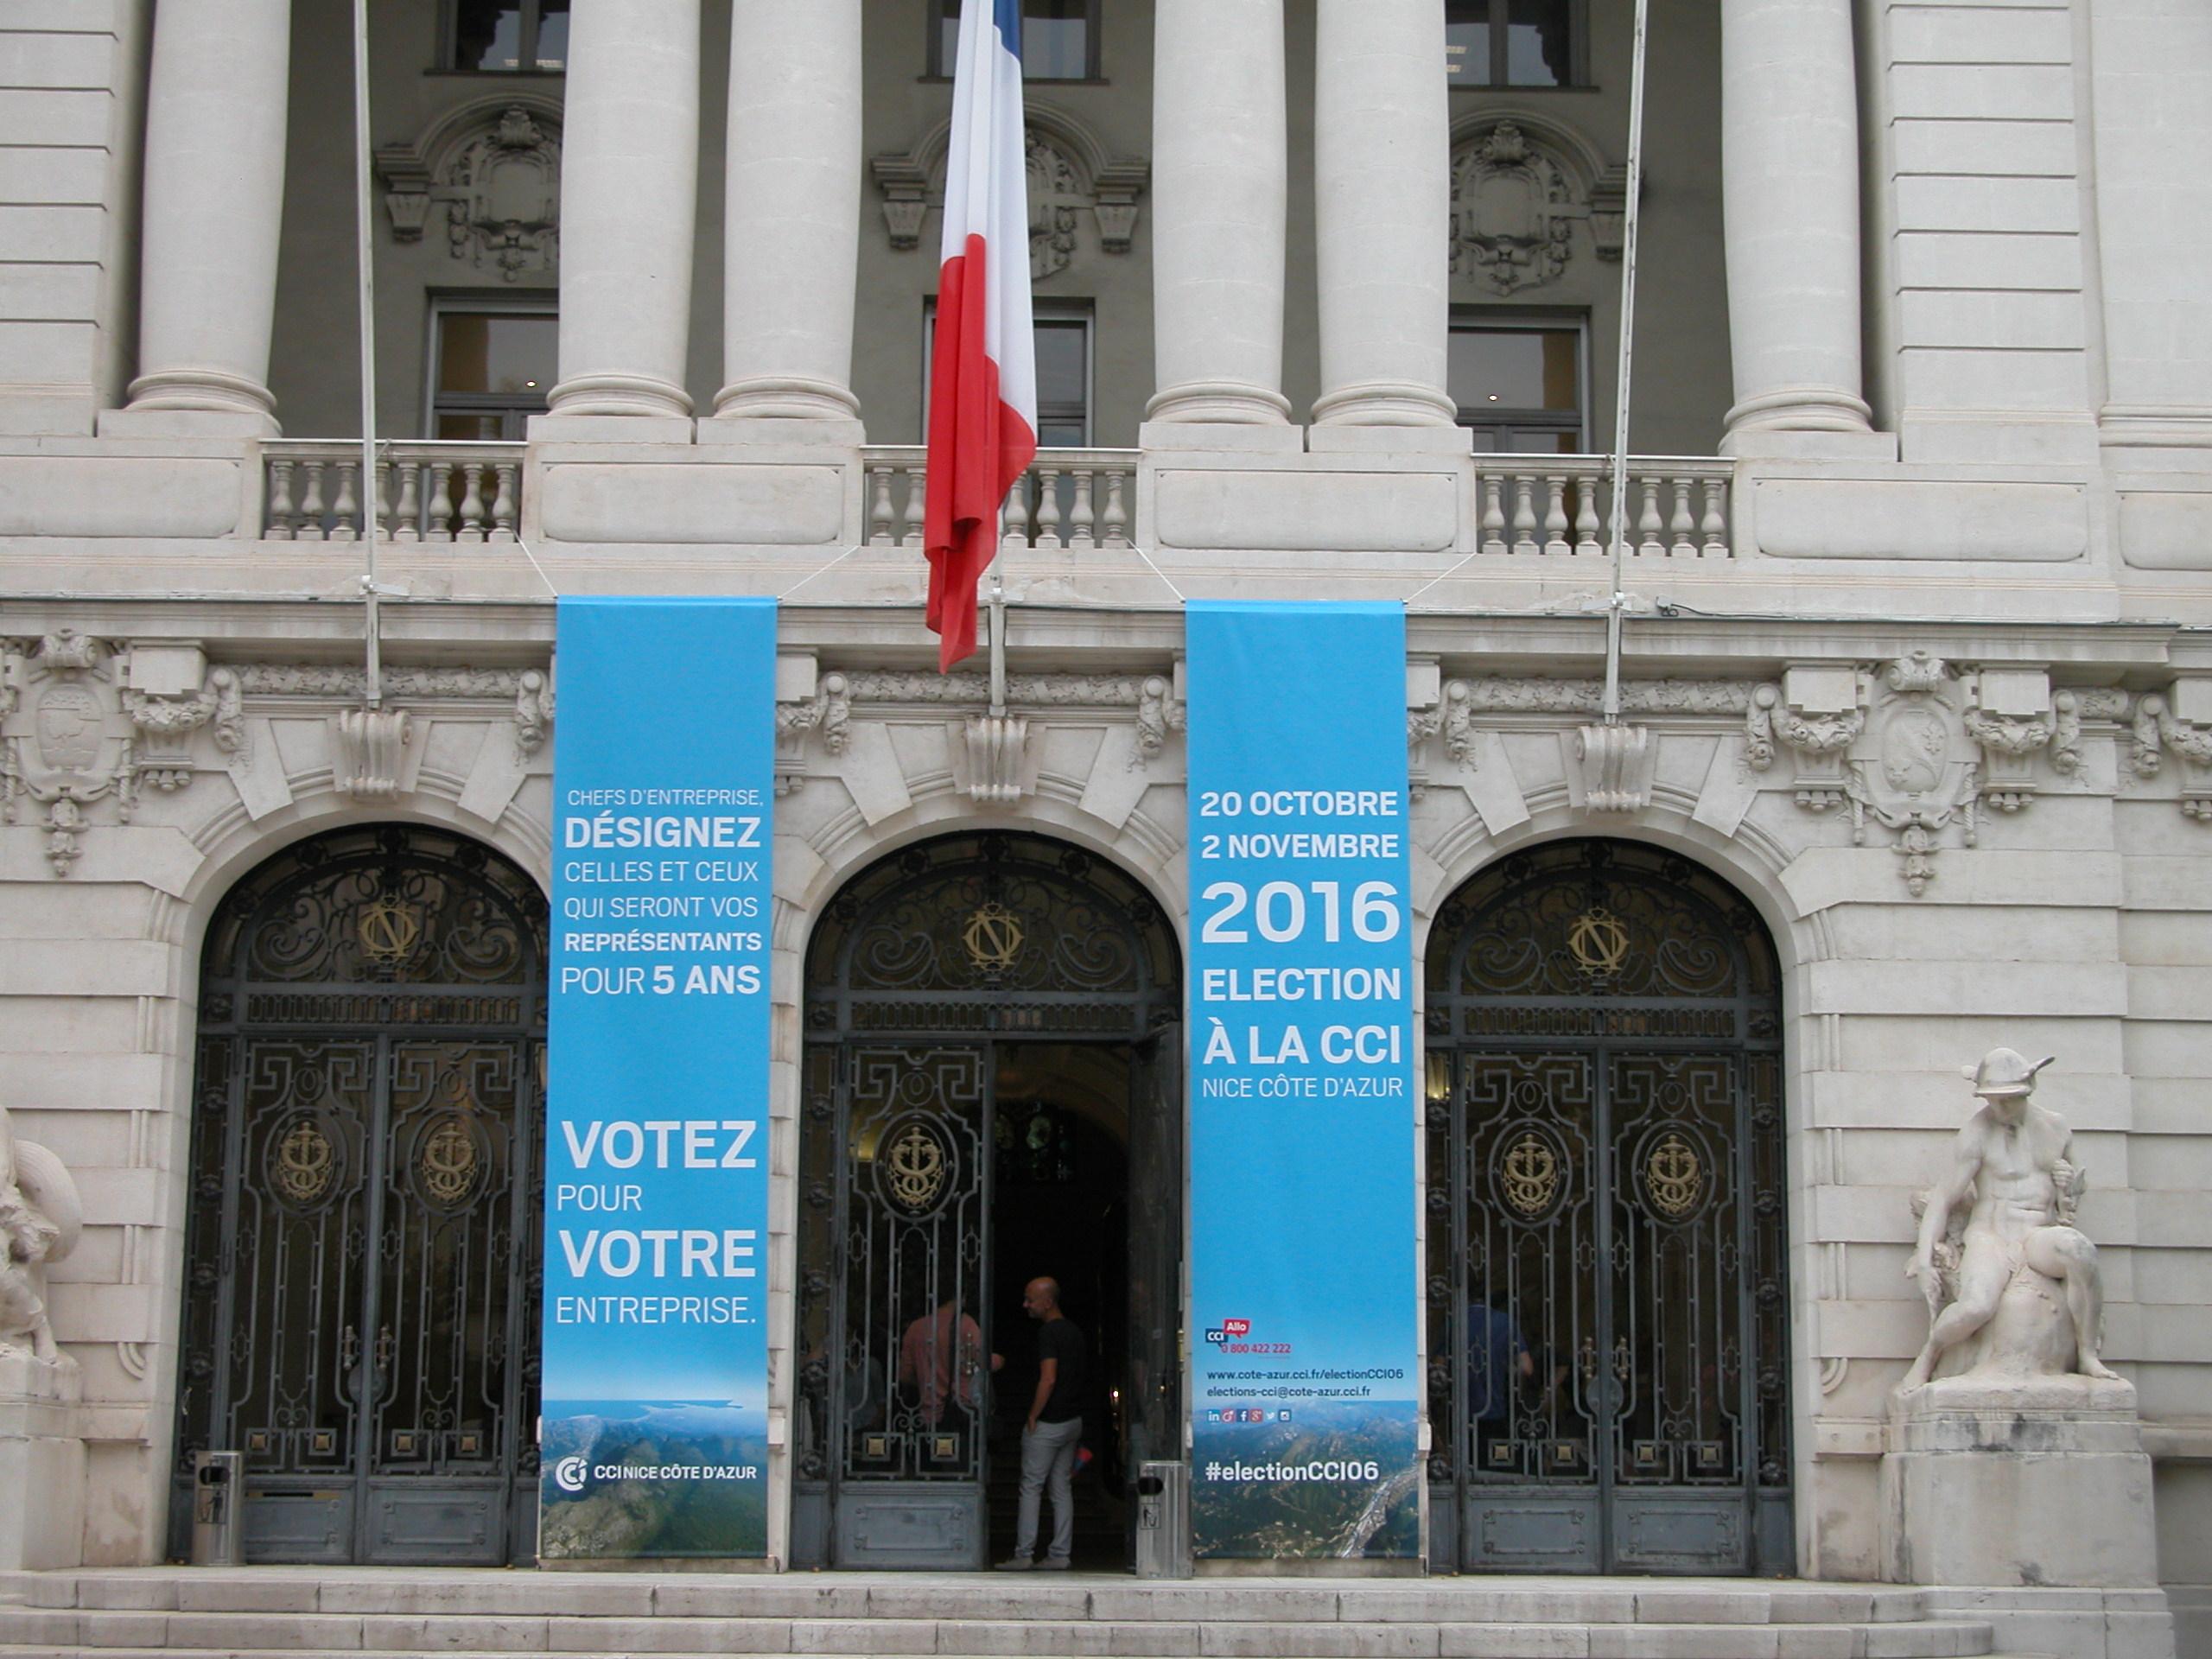 Economie elections de la cci nice c te d 39 azur les - Chambre de commerce et d industrie nice ...